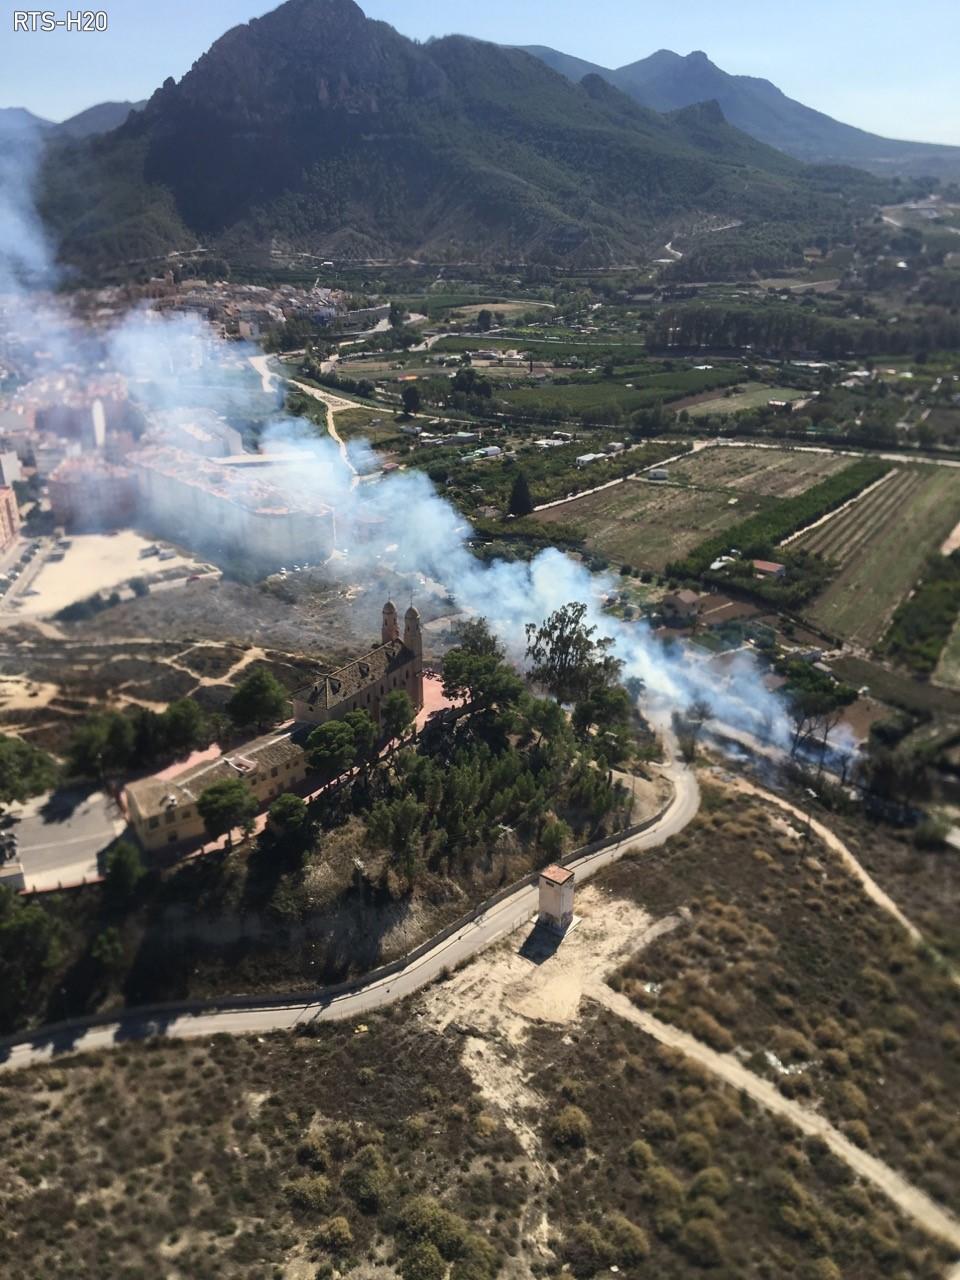 Imagen facilitada por medios aéreos en el momento de acercarse a la zona del incendio